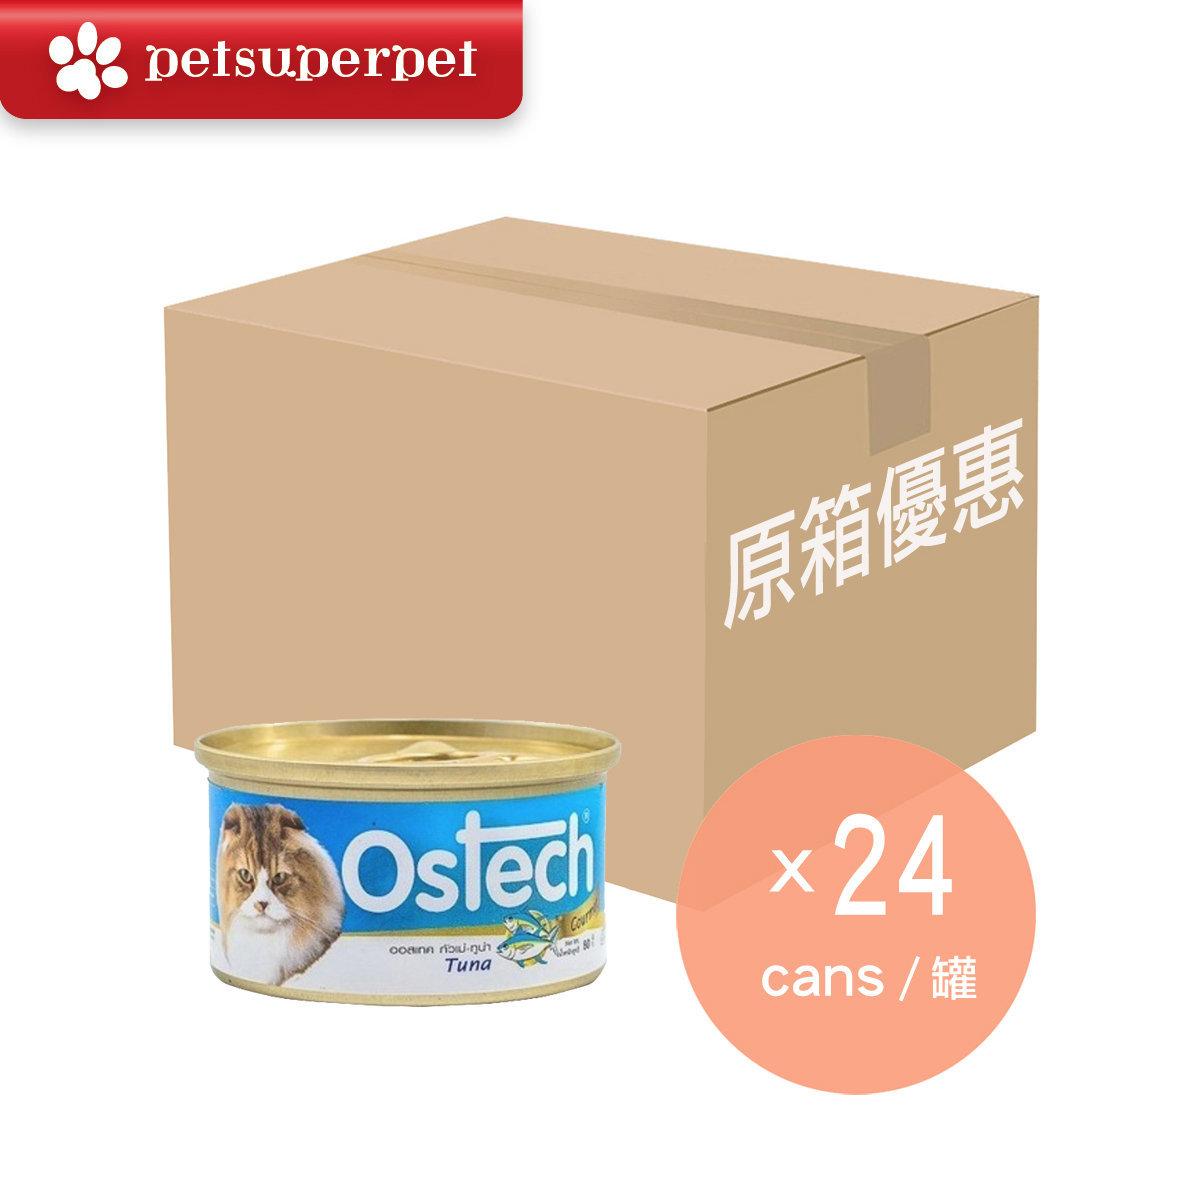 【原箱優惠】泰國吞拿魚貓罐 (24罐) -  80g x 24